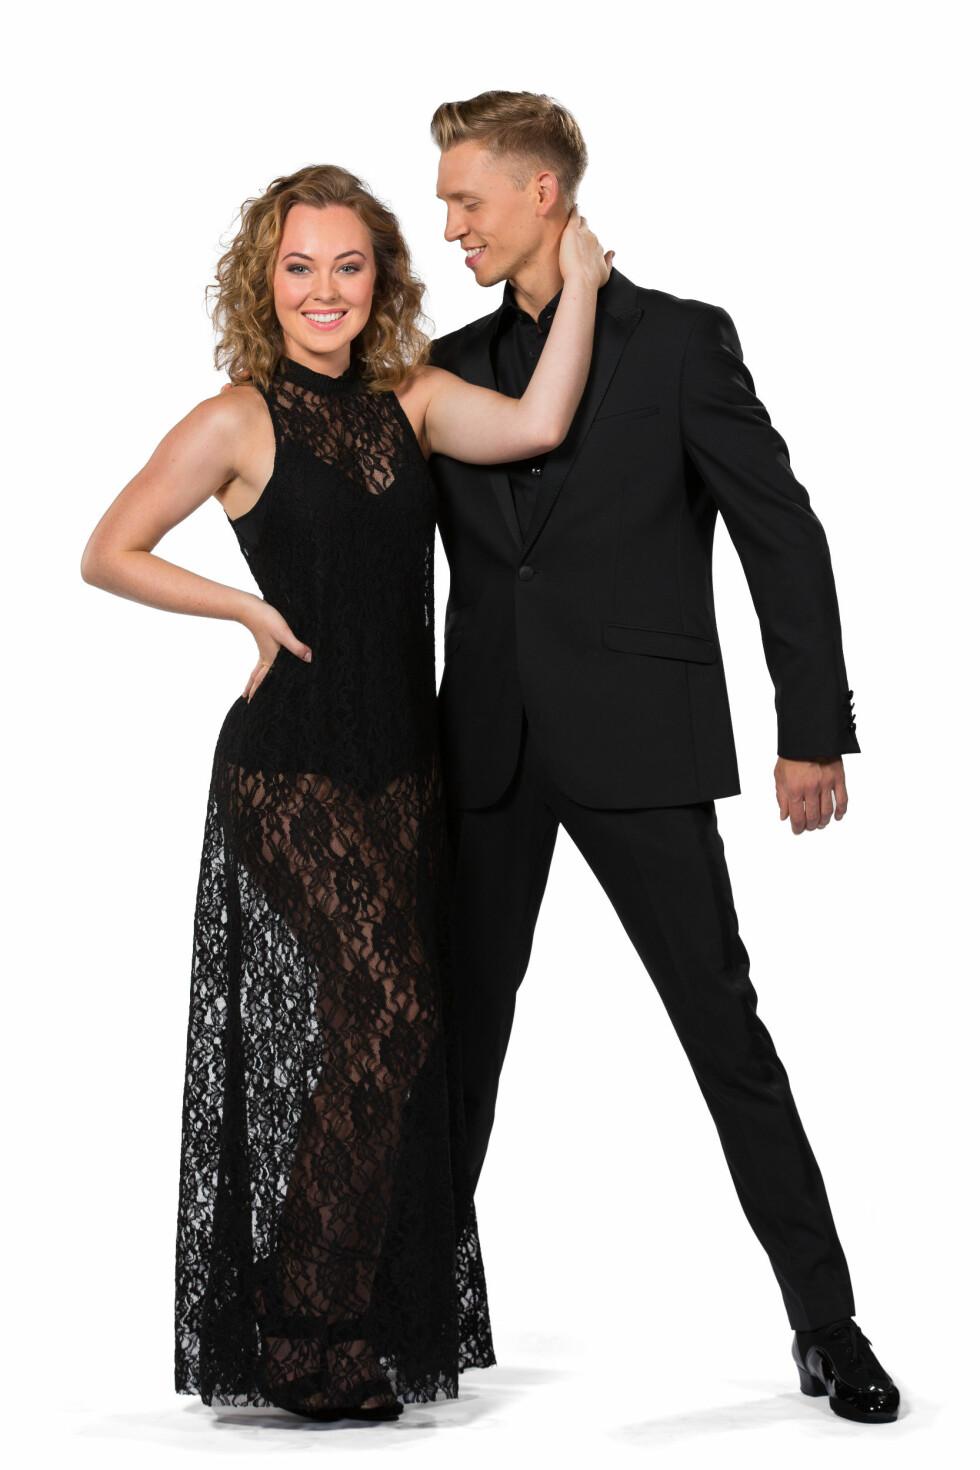 PARTNERE: Artist Raylee Kristiansen skal danse med Alexander Svanberg. Foto: Espen Solli / TV2